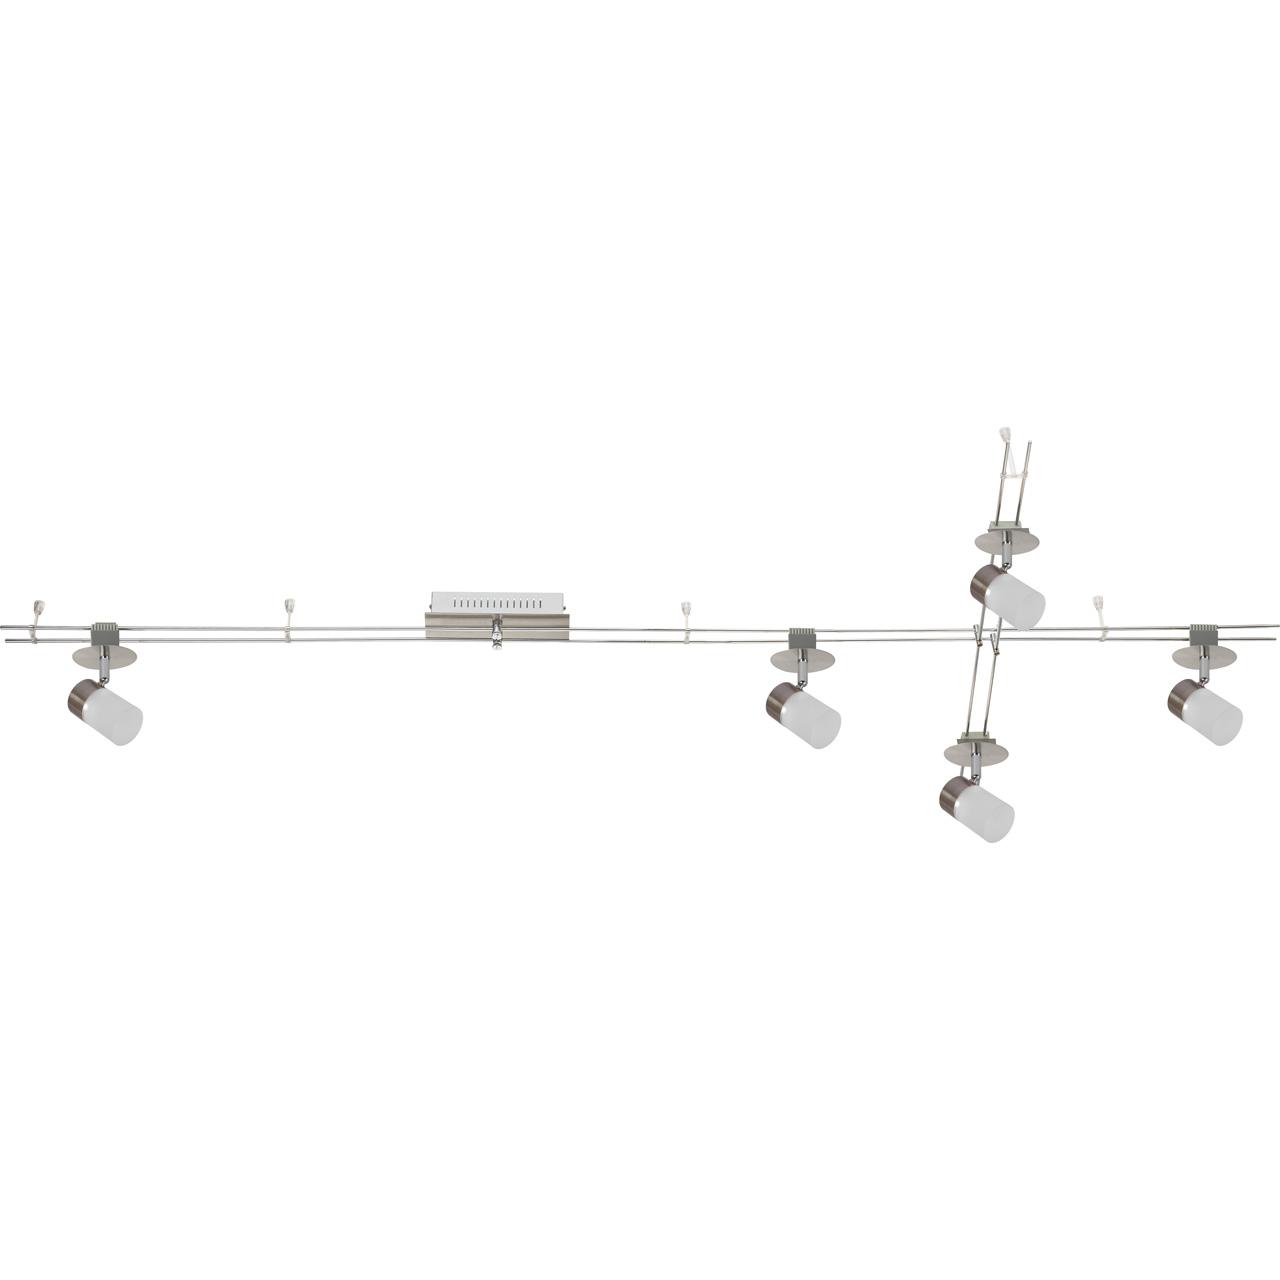 Светильник-трек De markt 550011505 5/4w led светильник трек de markt 550011605 5 4w led